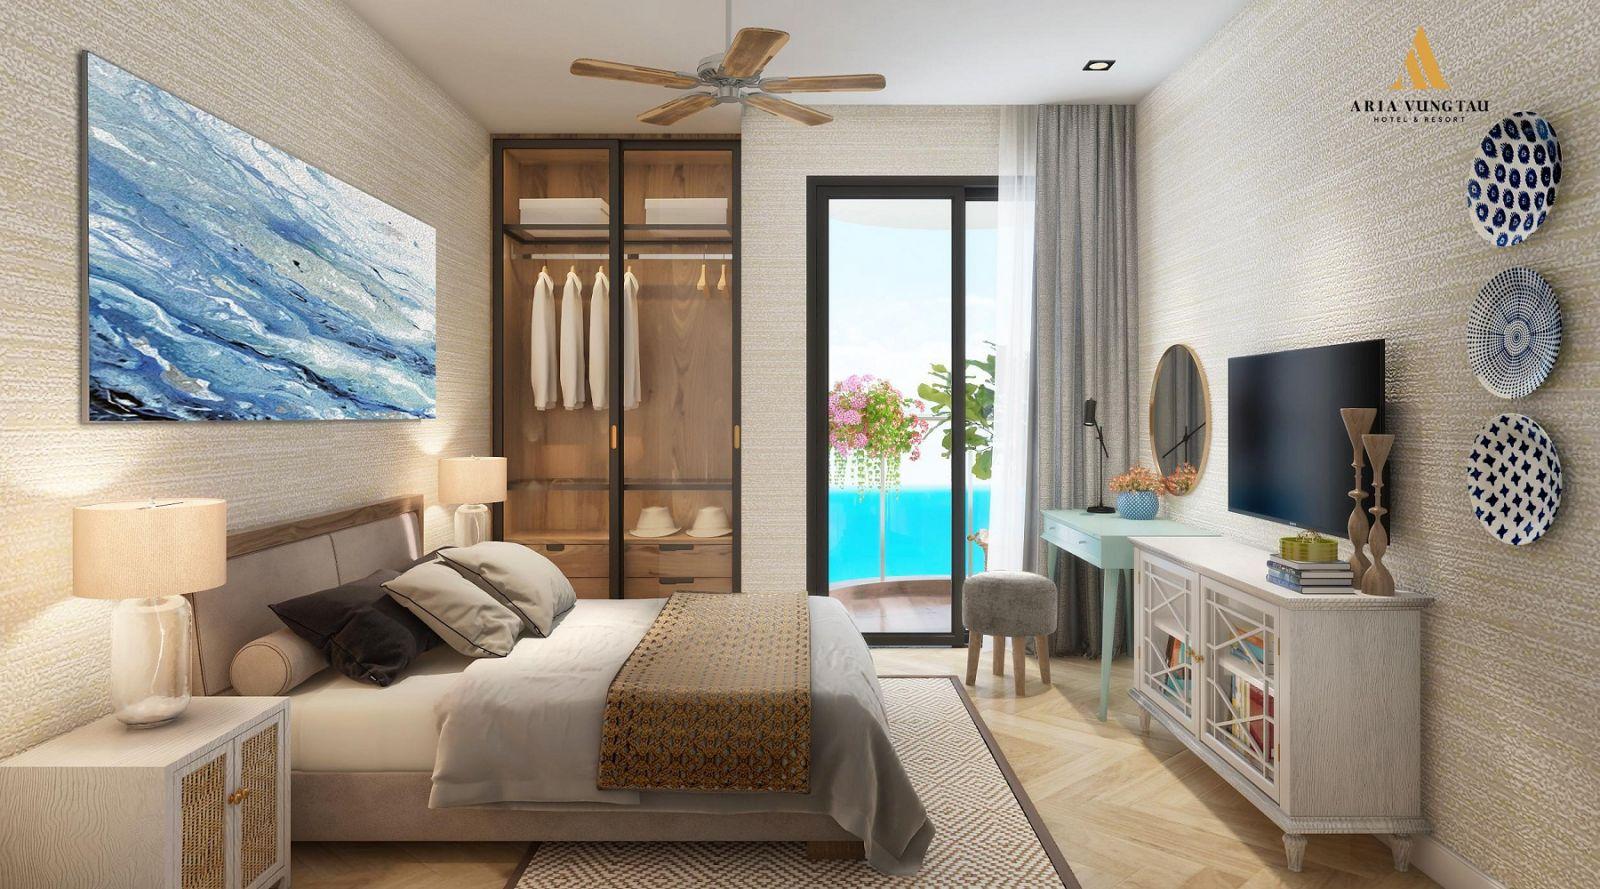 Phòng Master Aria Vũng Tàu Hotel & Resort